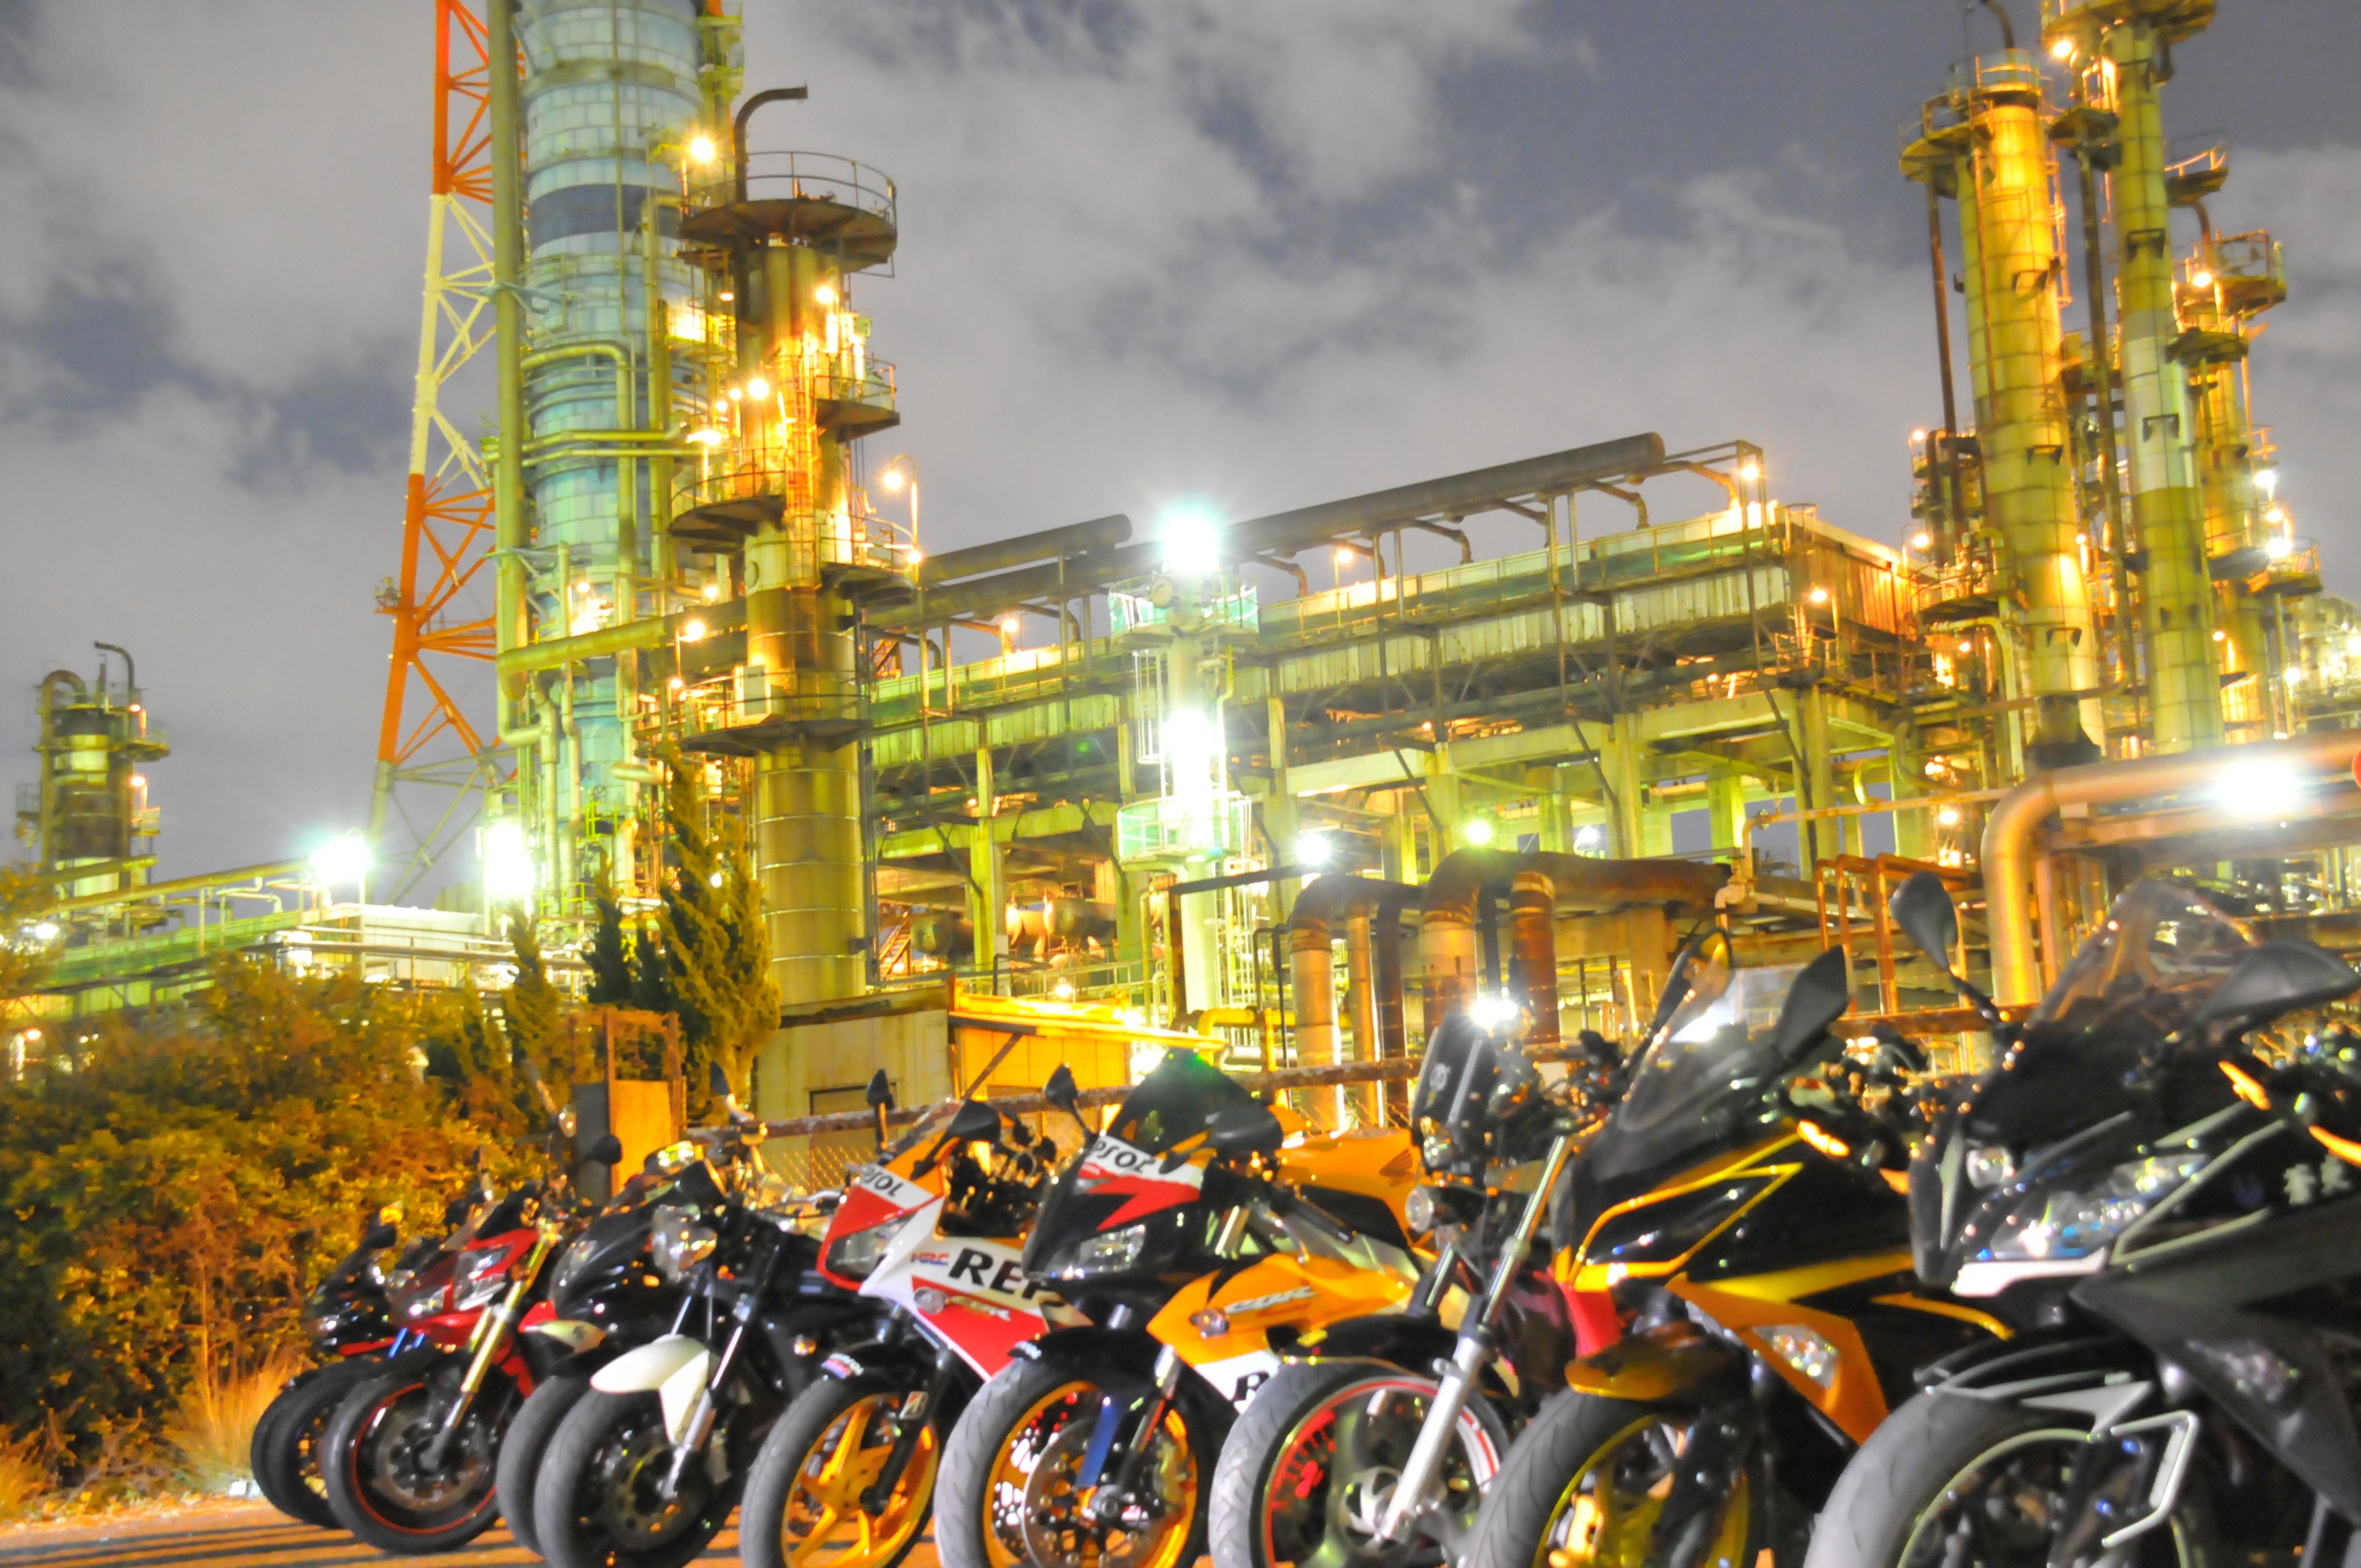 高石工場夜景の撮影会